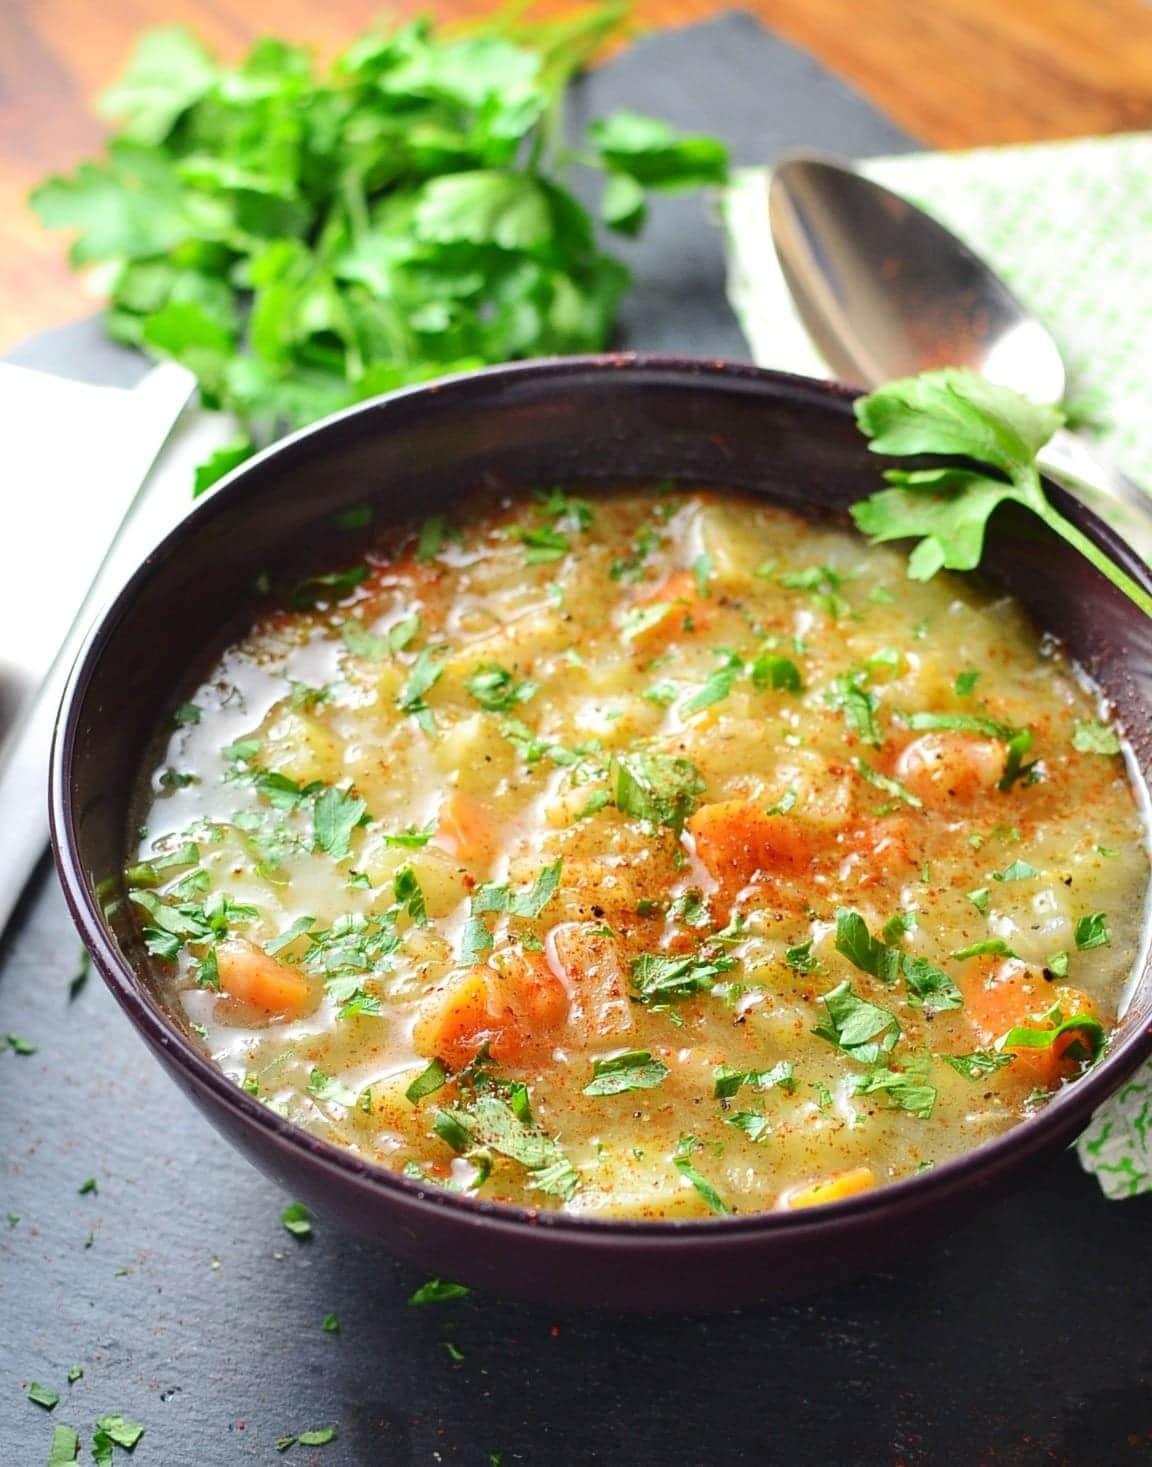 Polish Sauerkraut Vegetable Kapusniak Soup Everyday Healthy Recipes